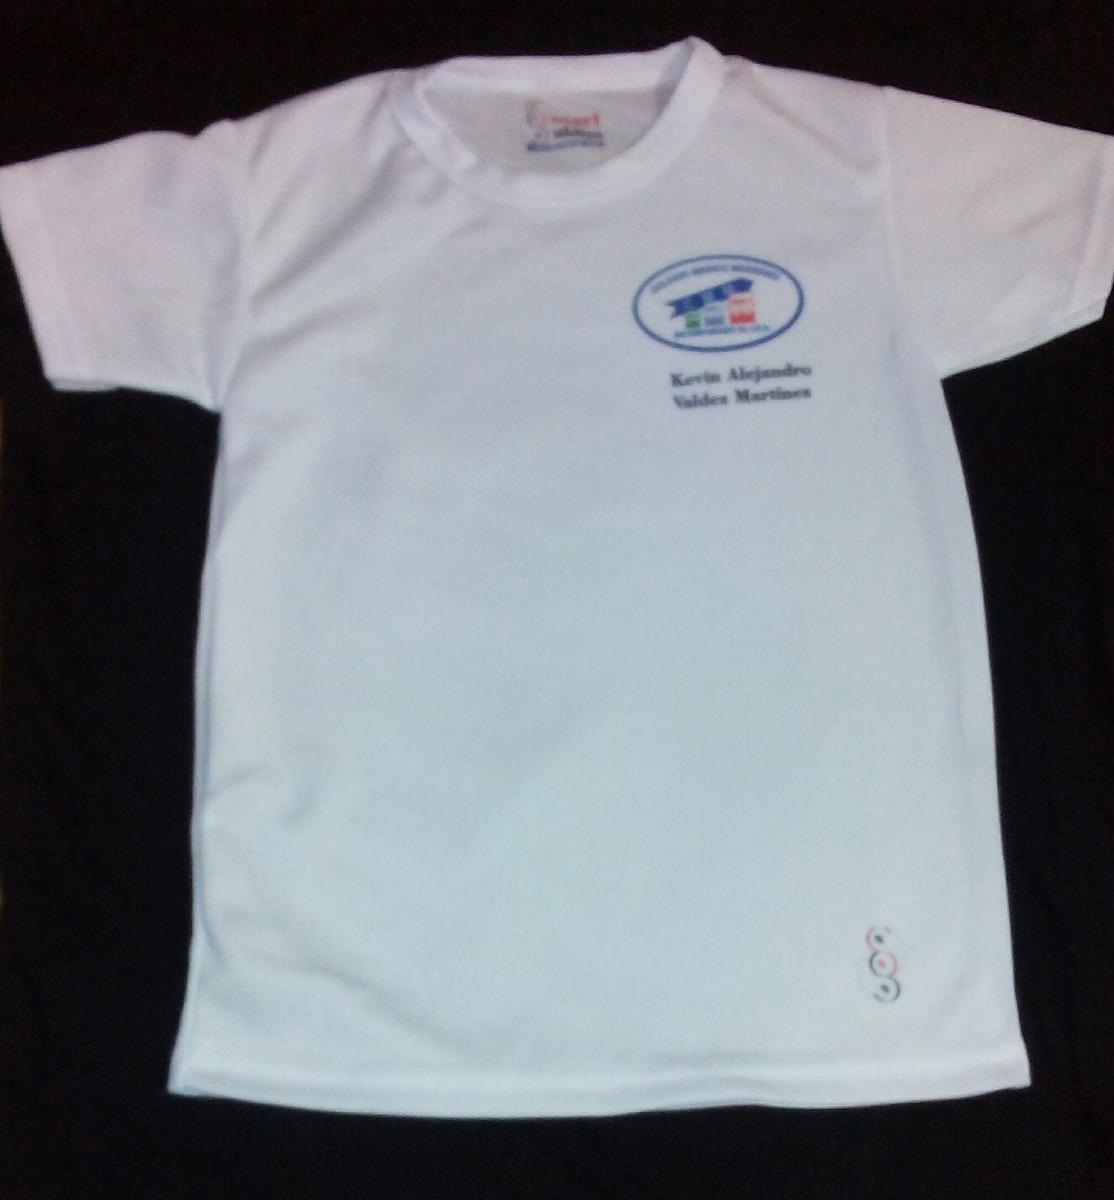 Playera Para Niño Dry Fit Con Diseño Personalizado -   149.00 en ... cca3621f6179a